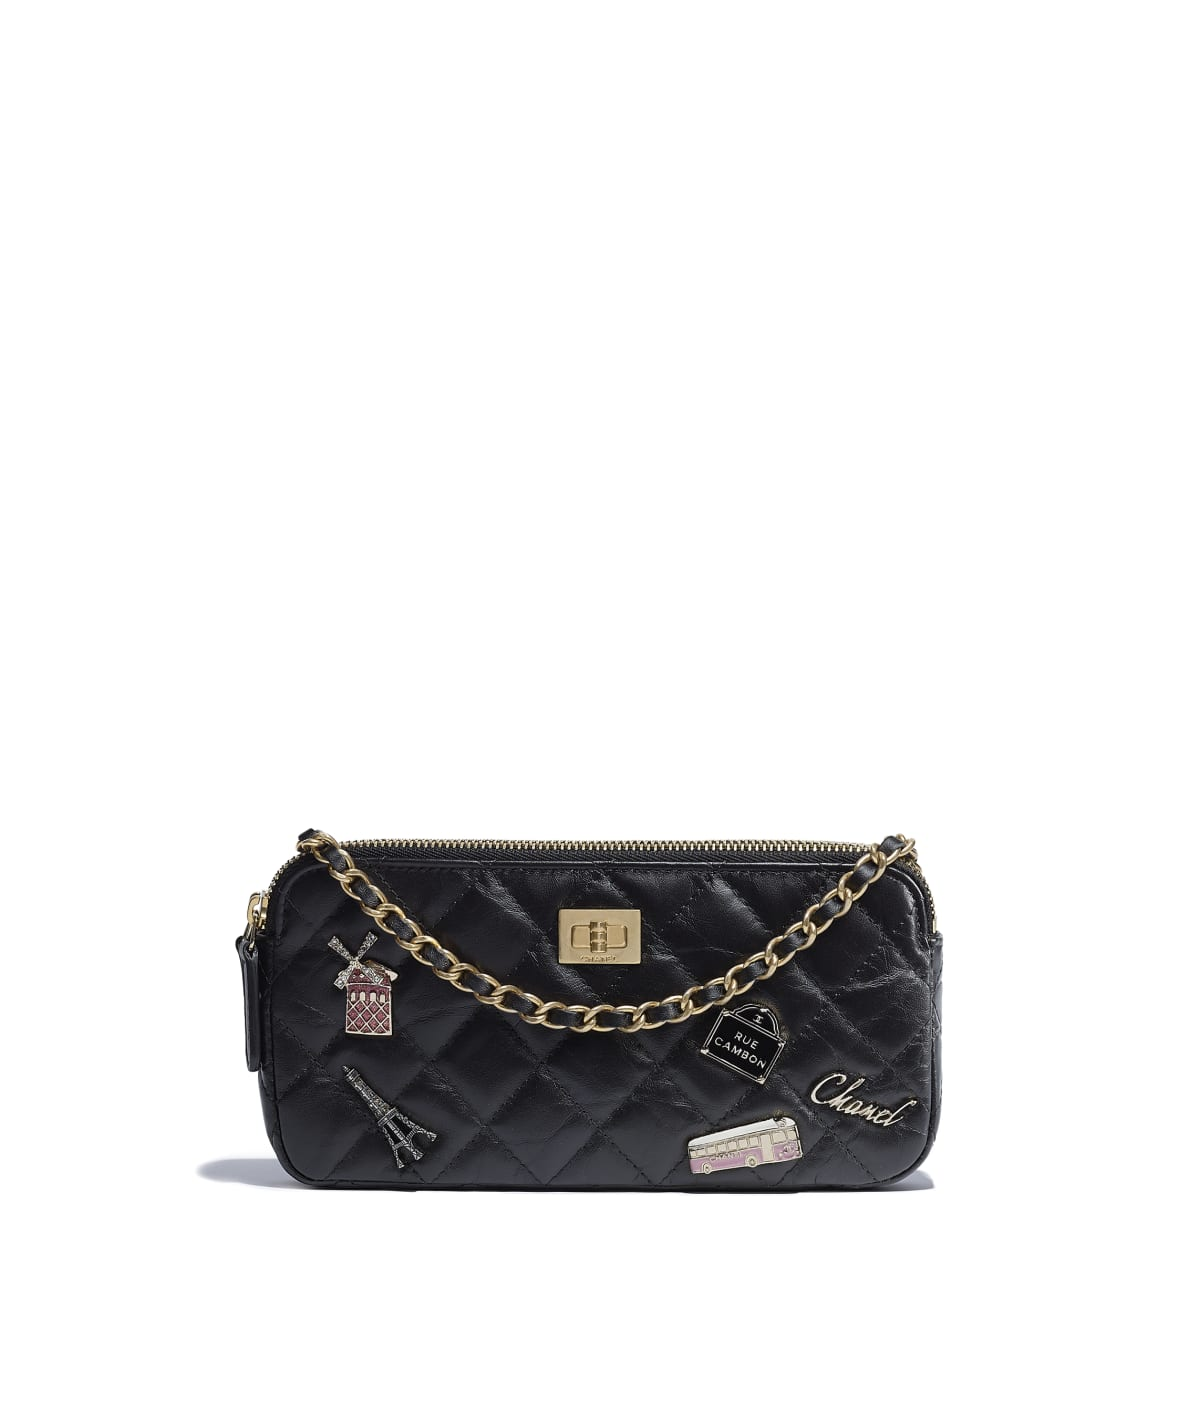 f7826f4ece6f Shoptagr | 2.55 Clutch With Chain by Chanel